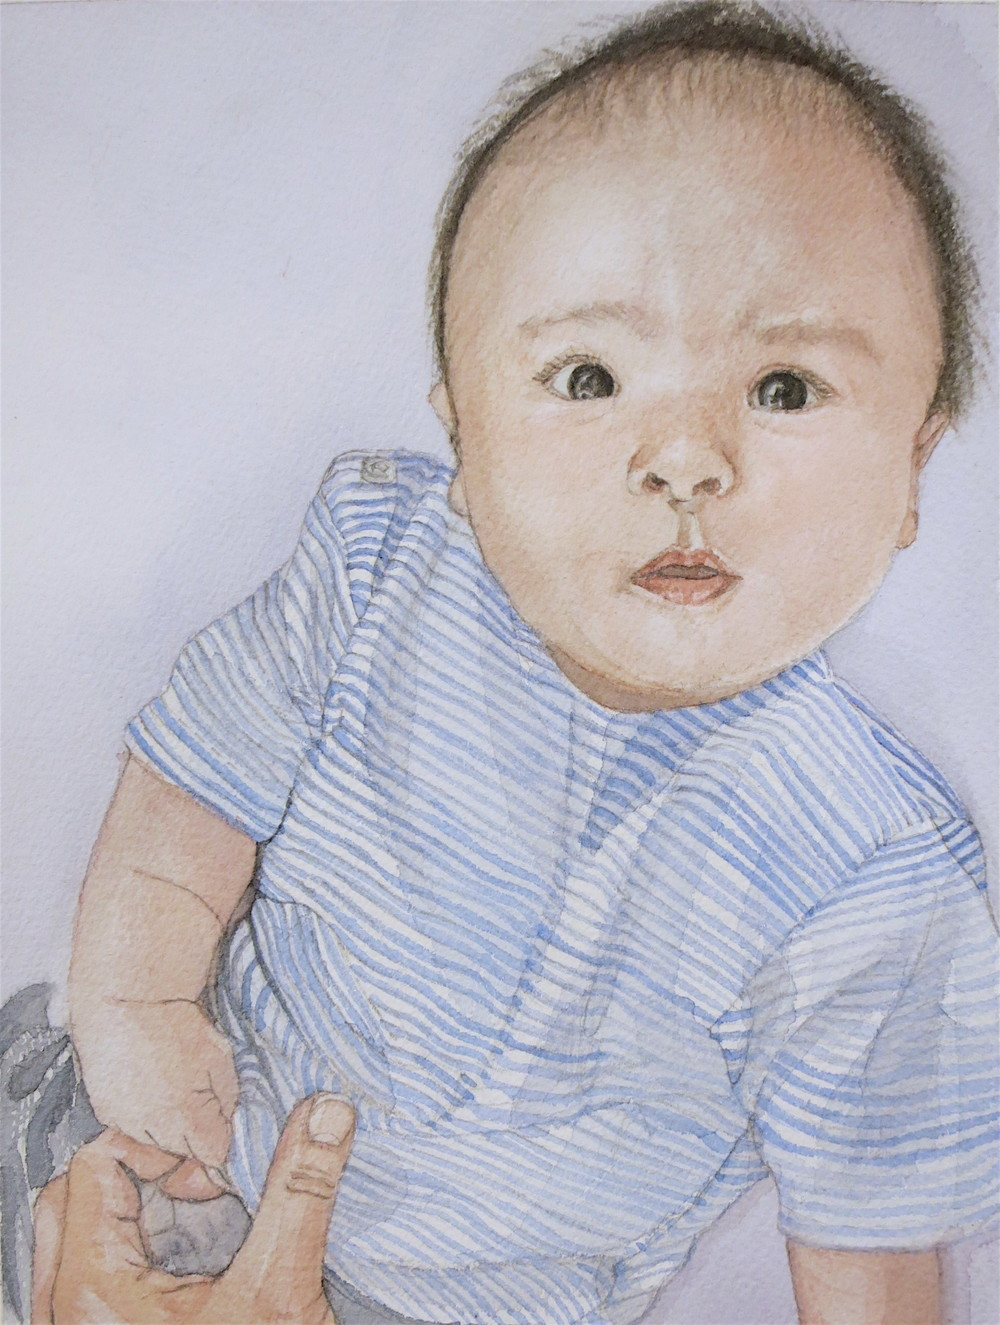 Baby Henry II